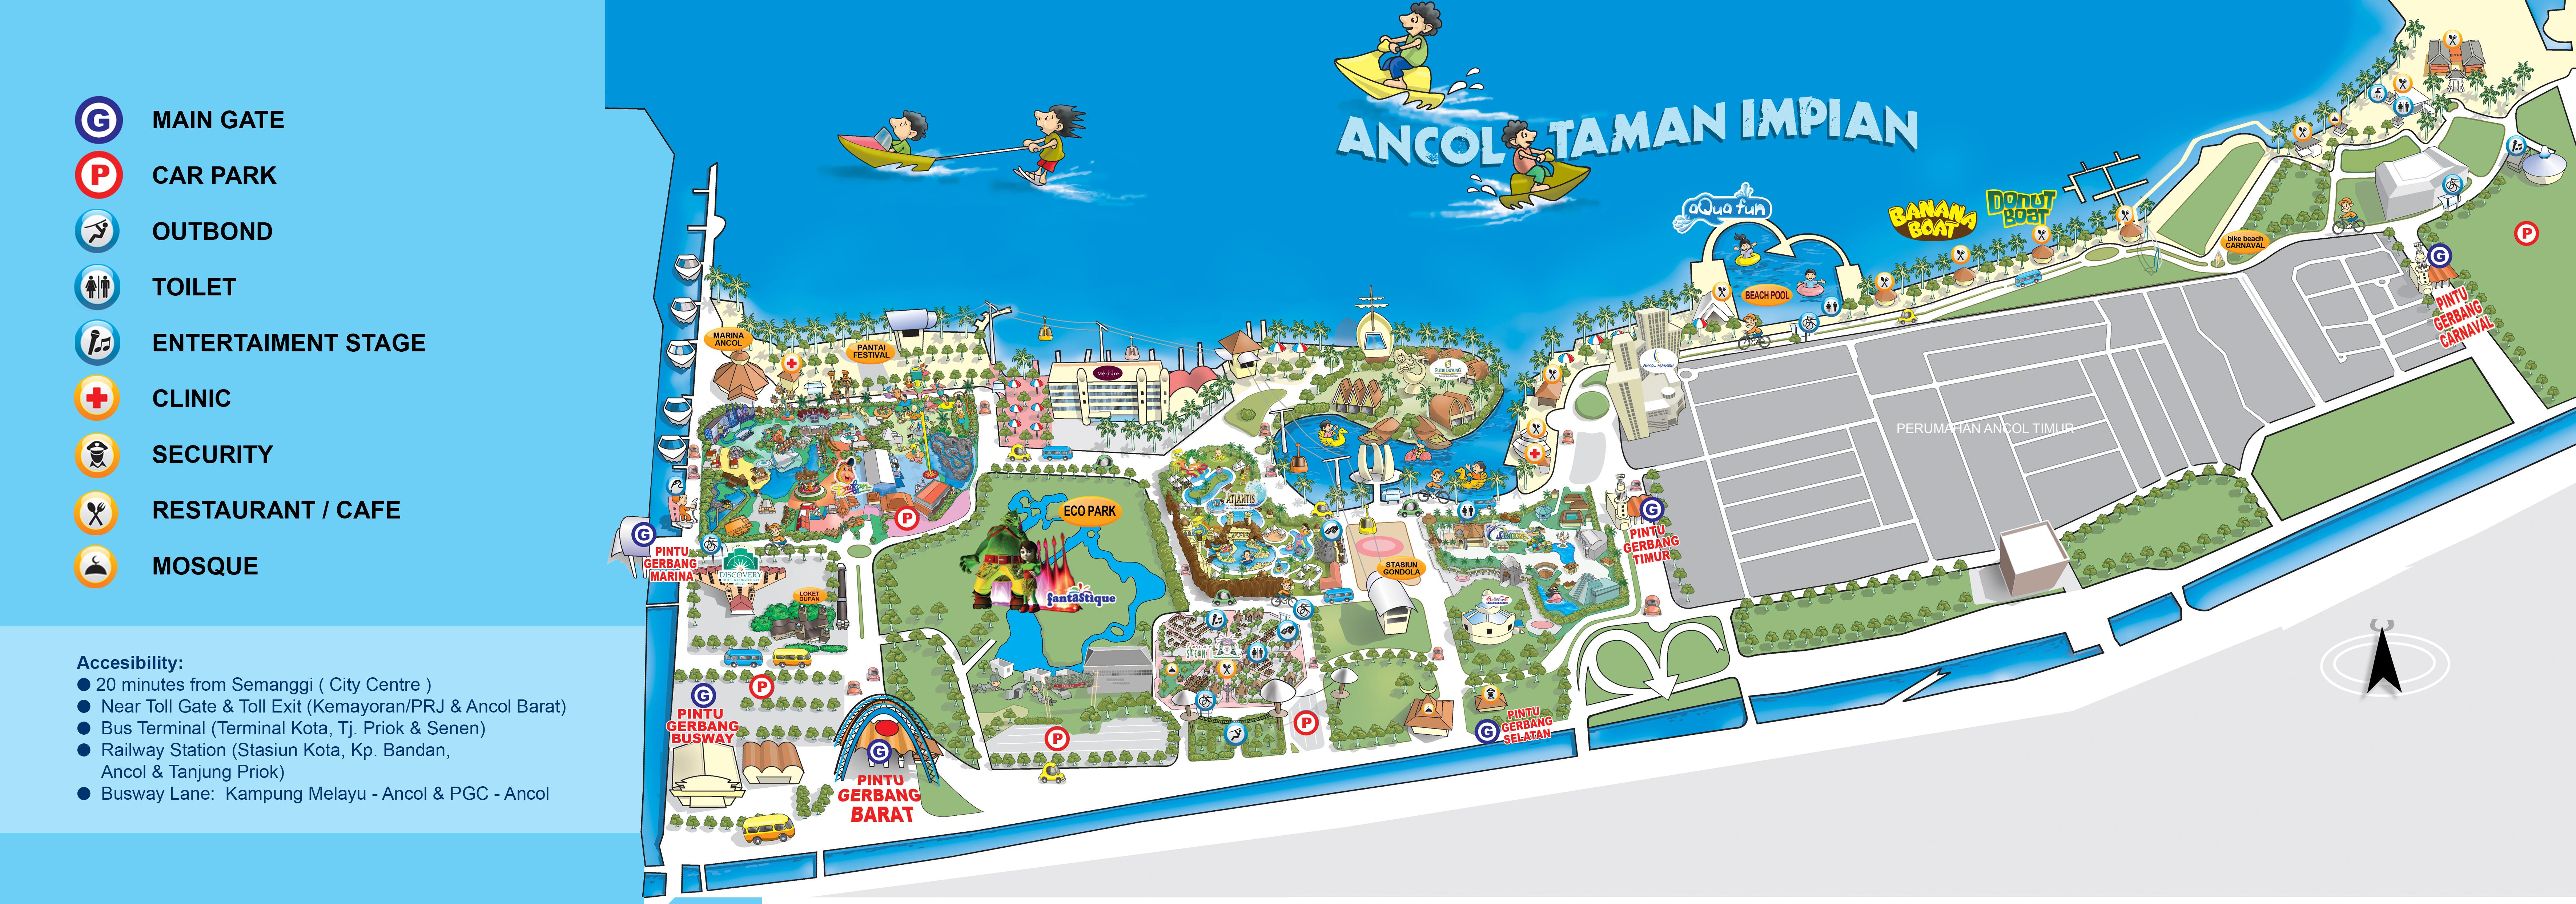 Peta Jpg Sign Dunia Fantasi Dufan Kota Administrasi Jakarta Utara